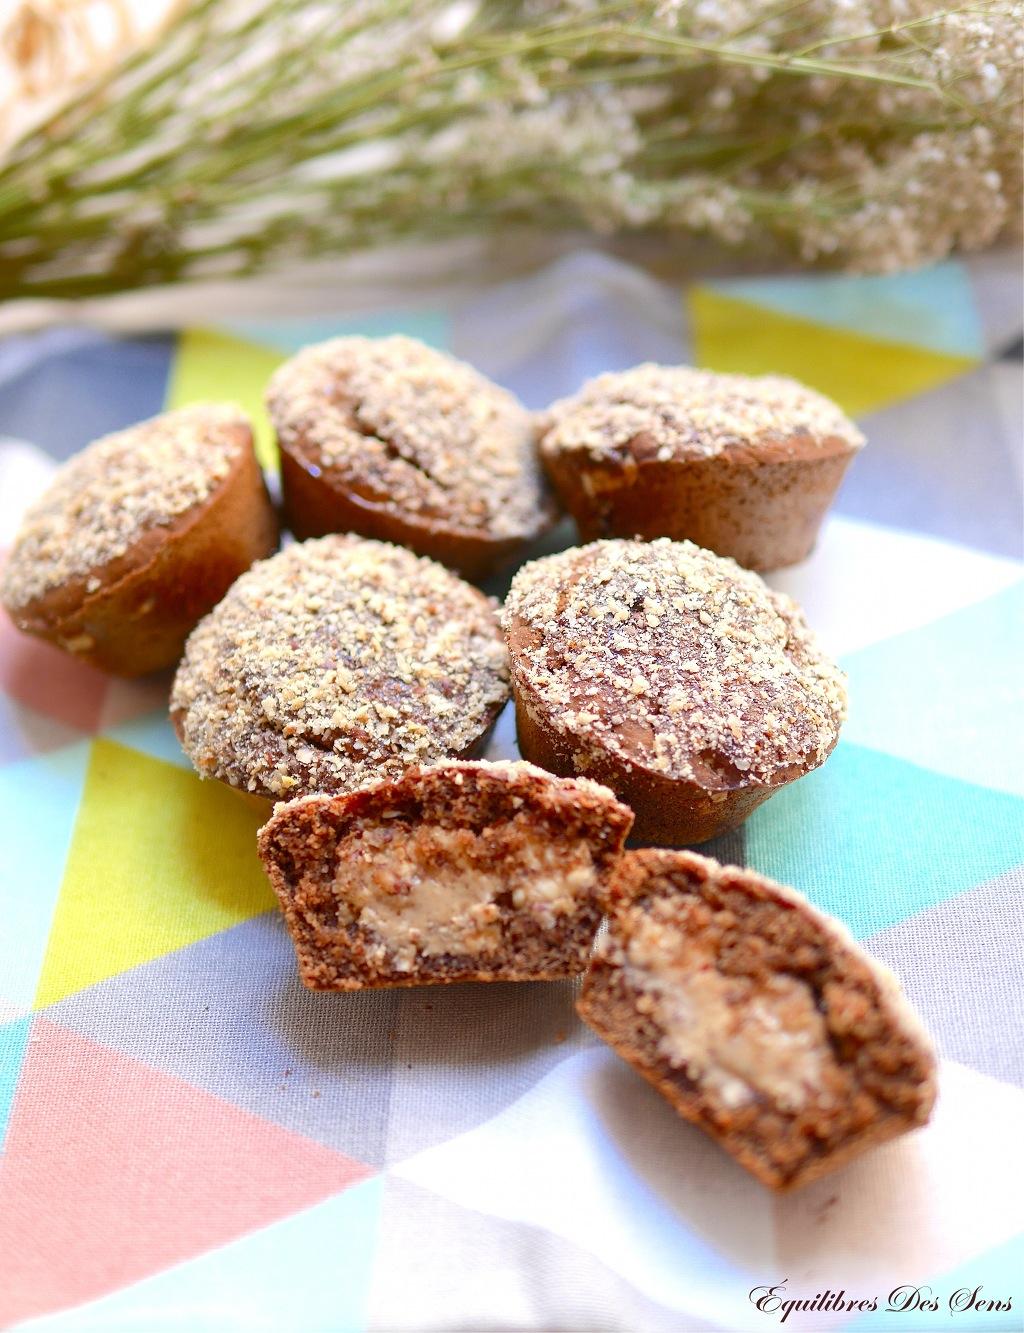 Un goûter sain et très gourmand avec ces muffins au beurre de cacahuète vegan et sans gluten ;-)